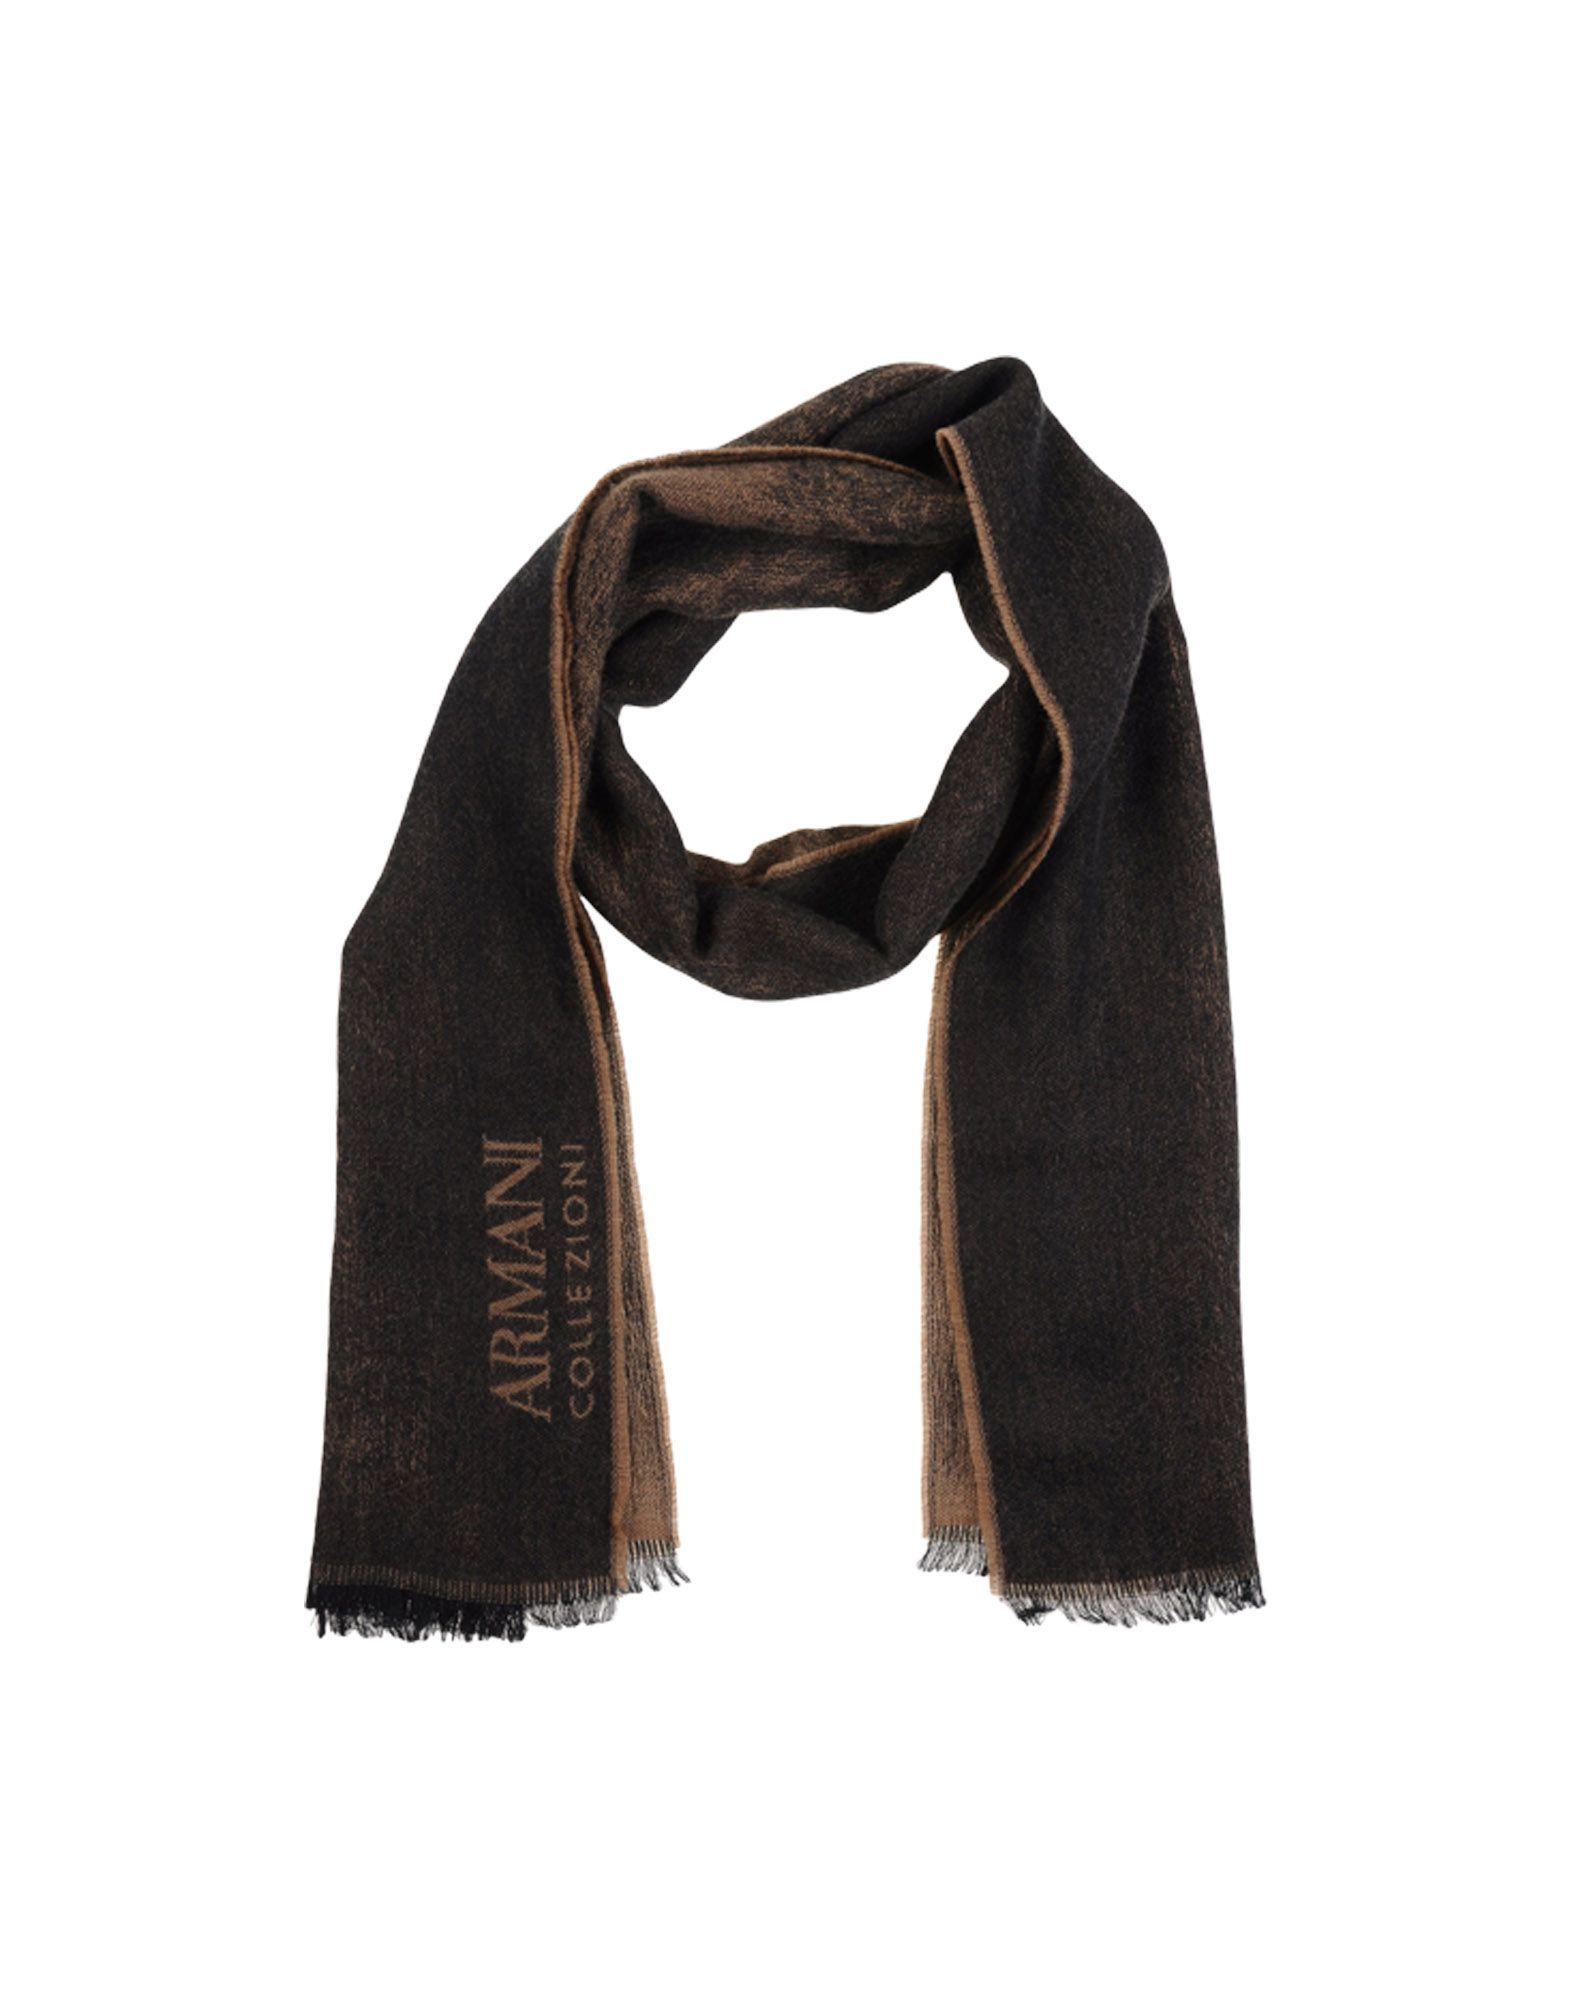 armani oblong scarf in black lyst